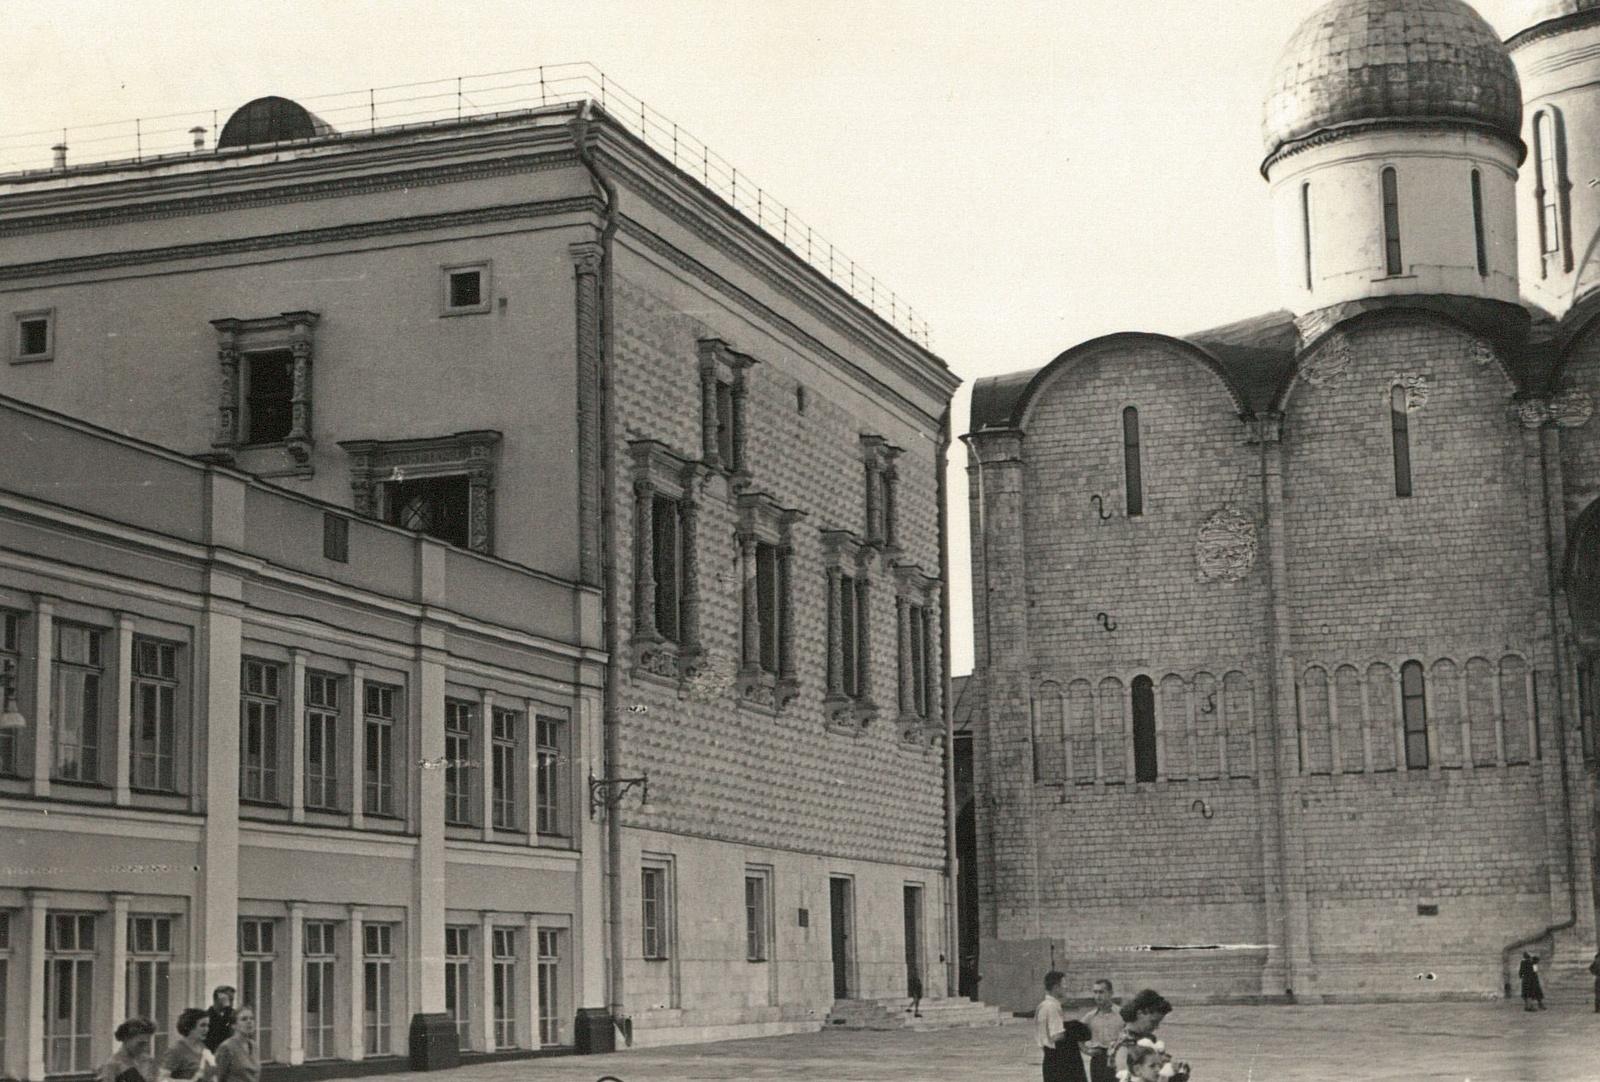 Кремль. Соборная площадь. Грановитая палата и Успенский собор